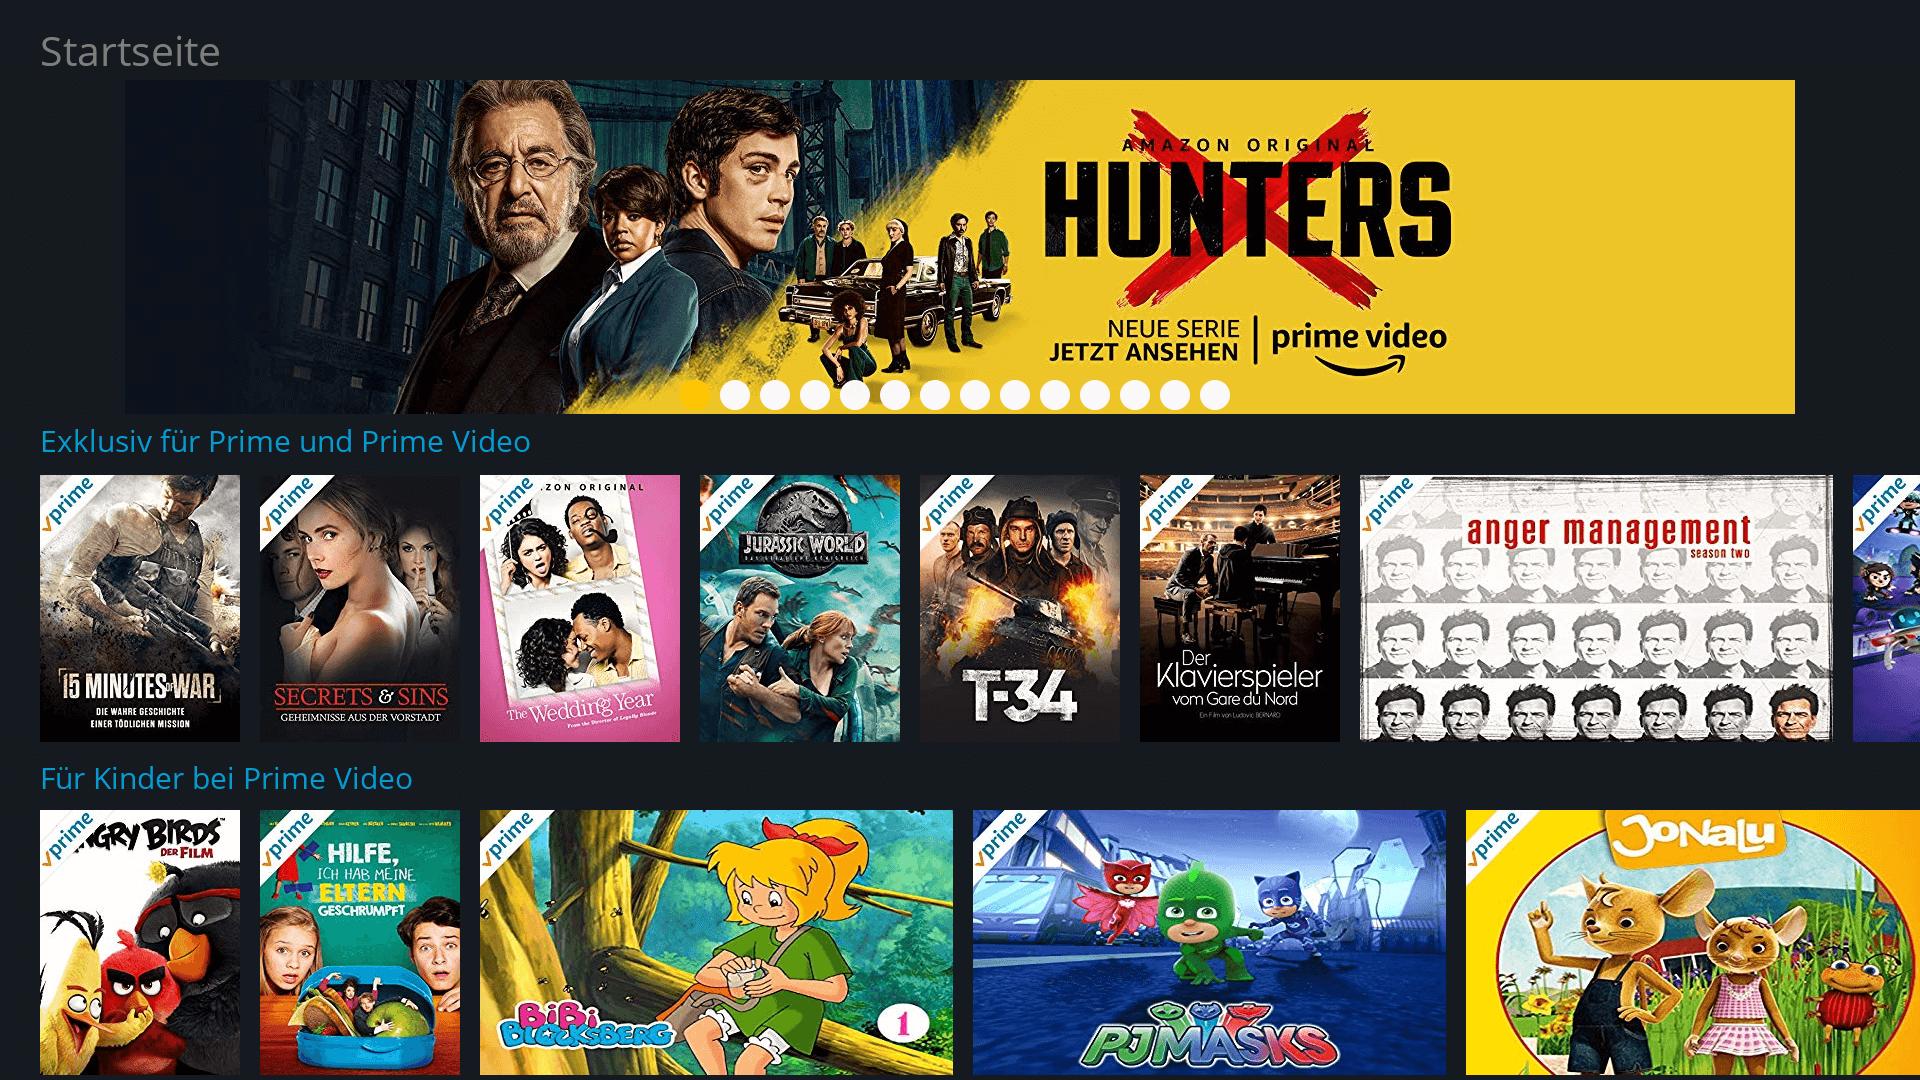 Dreambox One: Amazon Prime, DAZN und Netflix als Erweiterungen erhältlich 4 techboys.de • smarte News, auf den Punkt! Dreambox One: Amazon Prime, DAZN und Netflix als Erweiterungen erhältlich